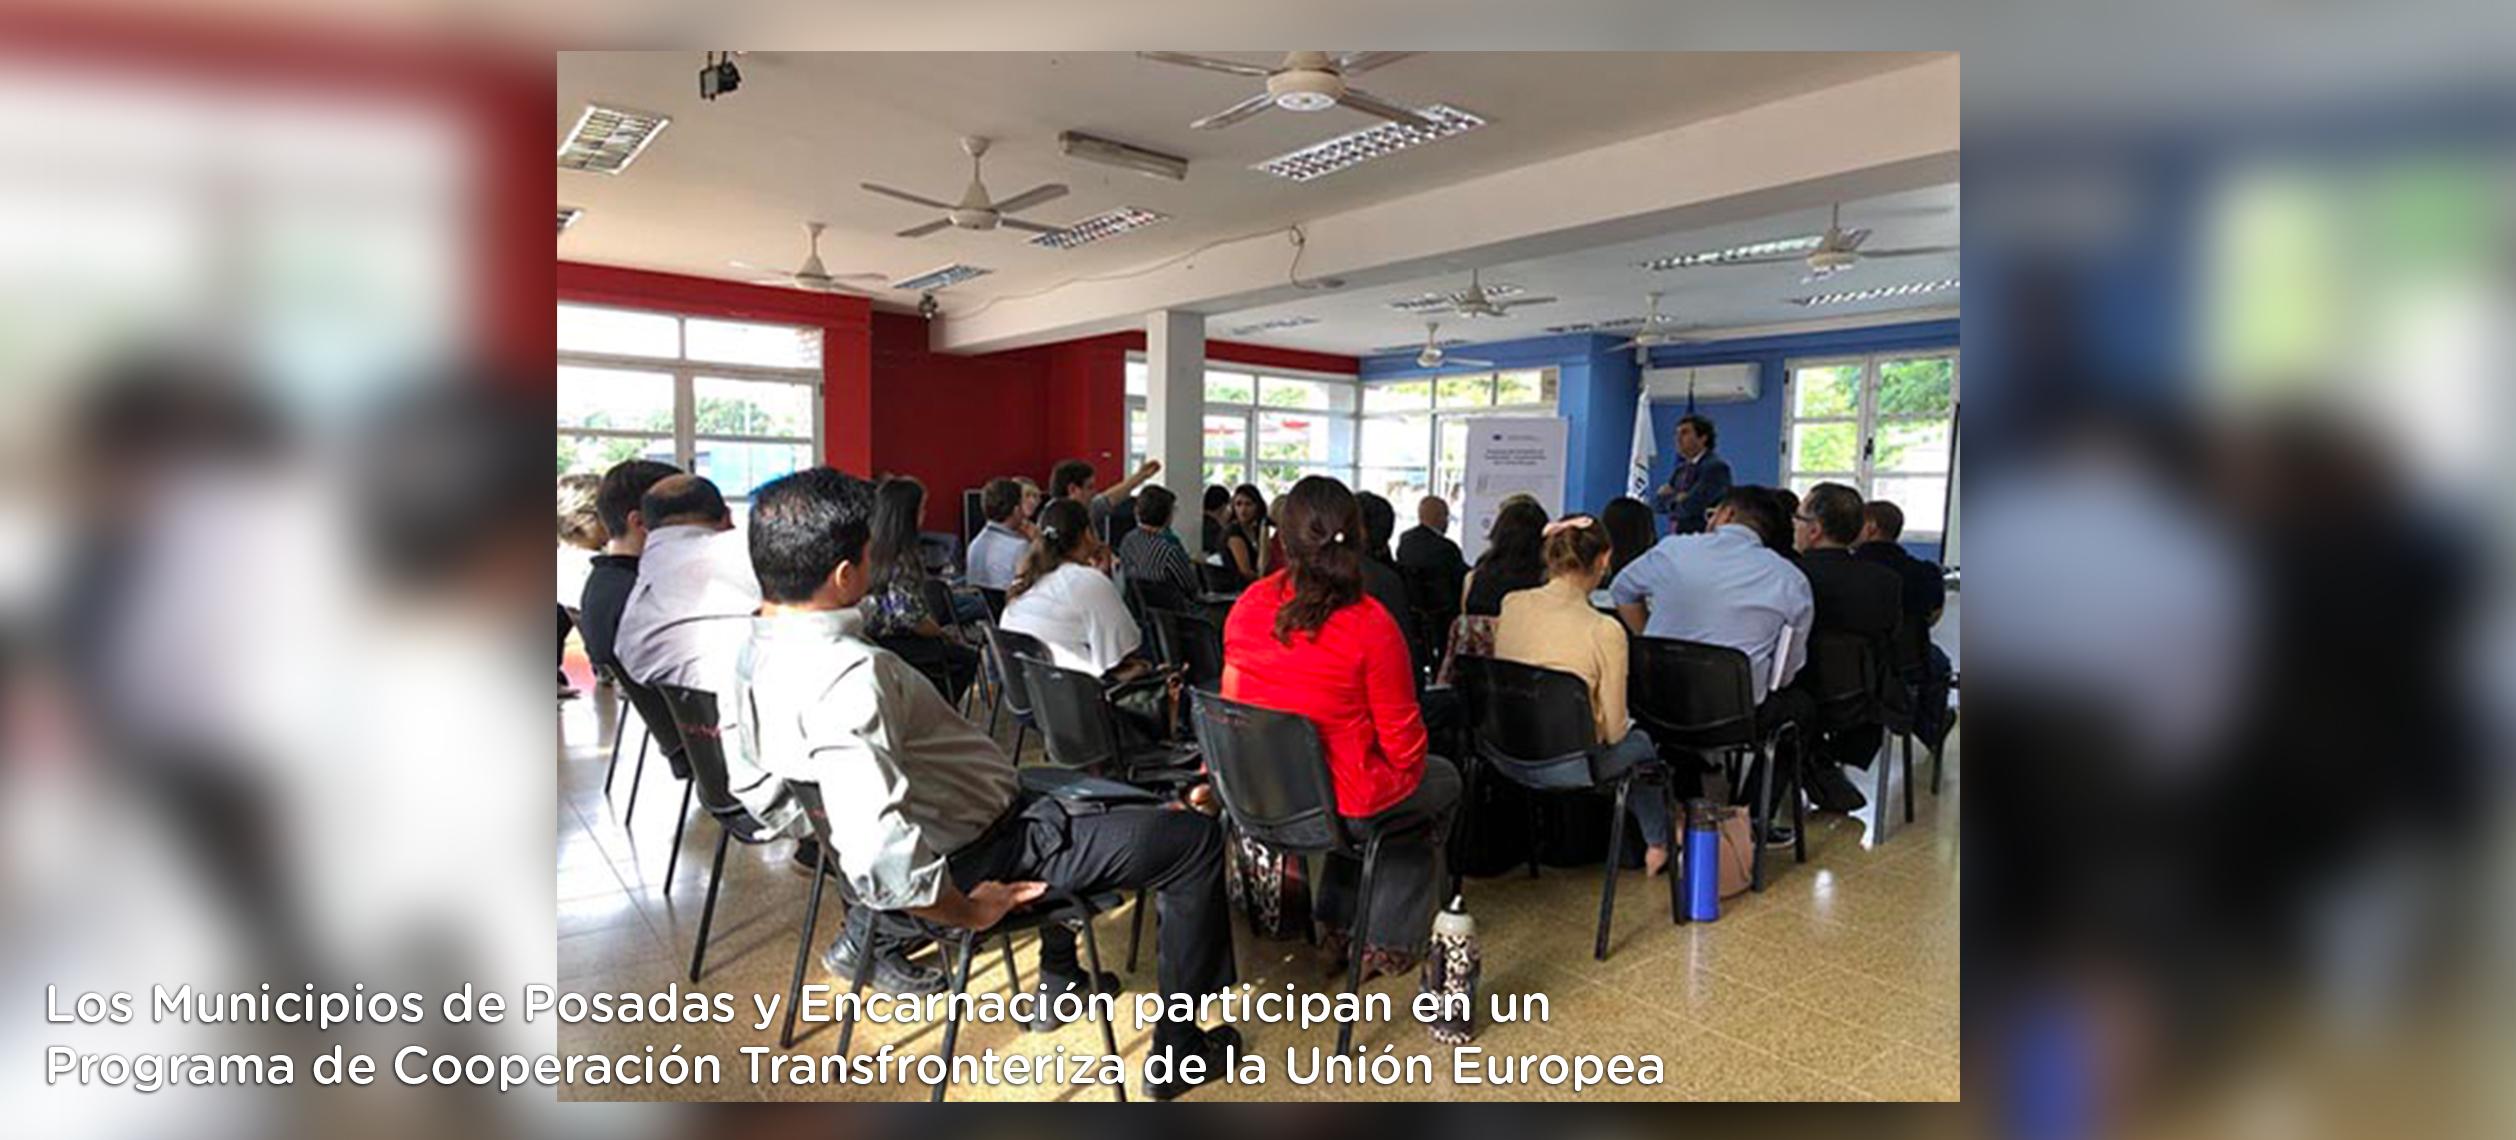 Formación en Cooperación Transfronteriza, desafío puesto en marcha 02